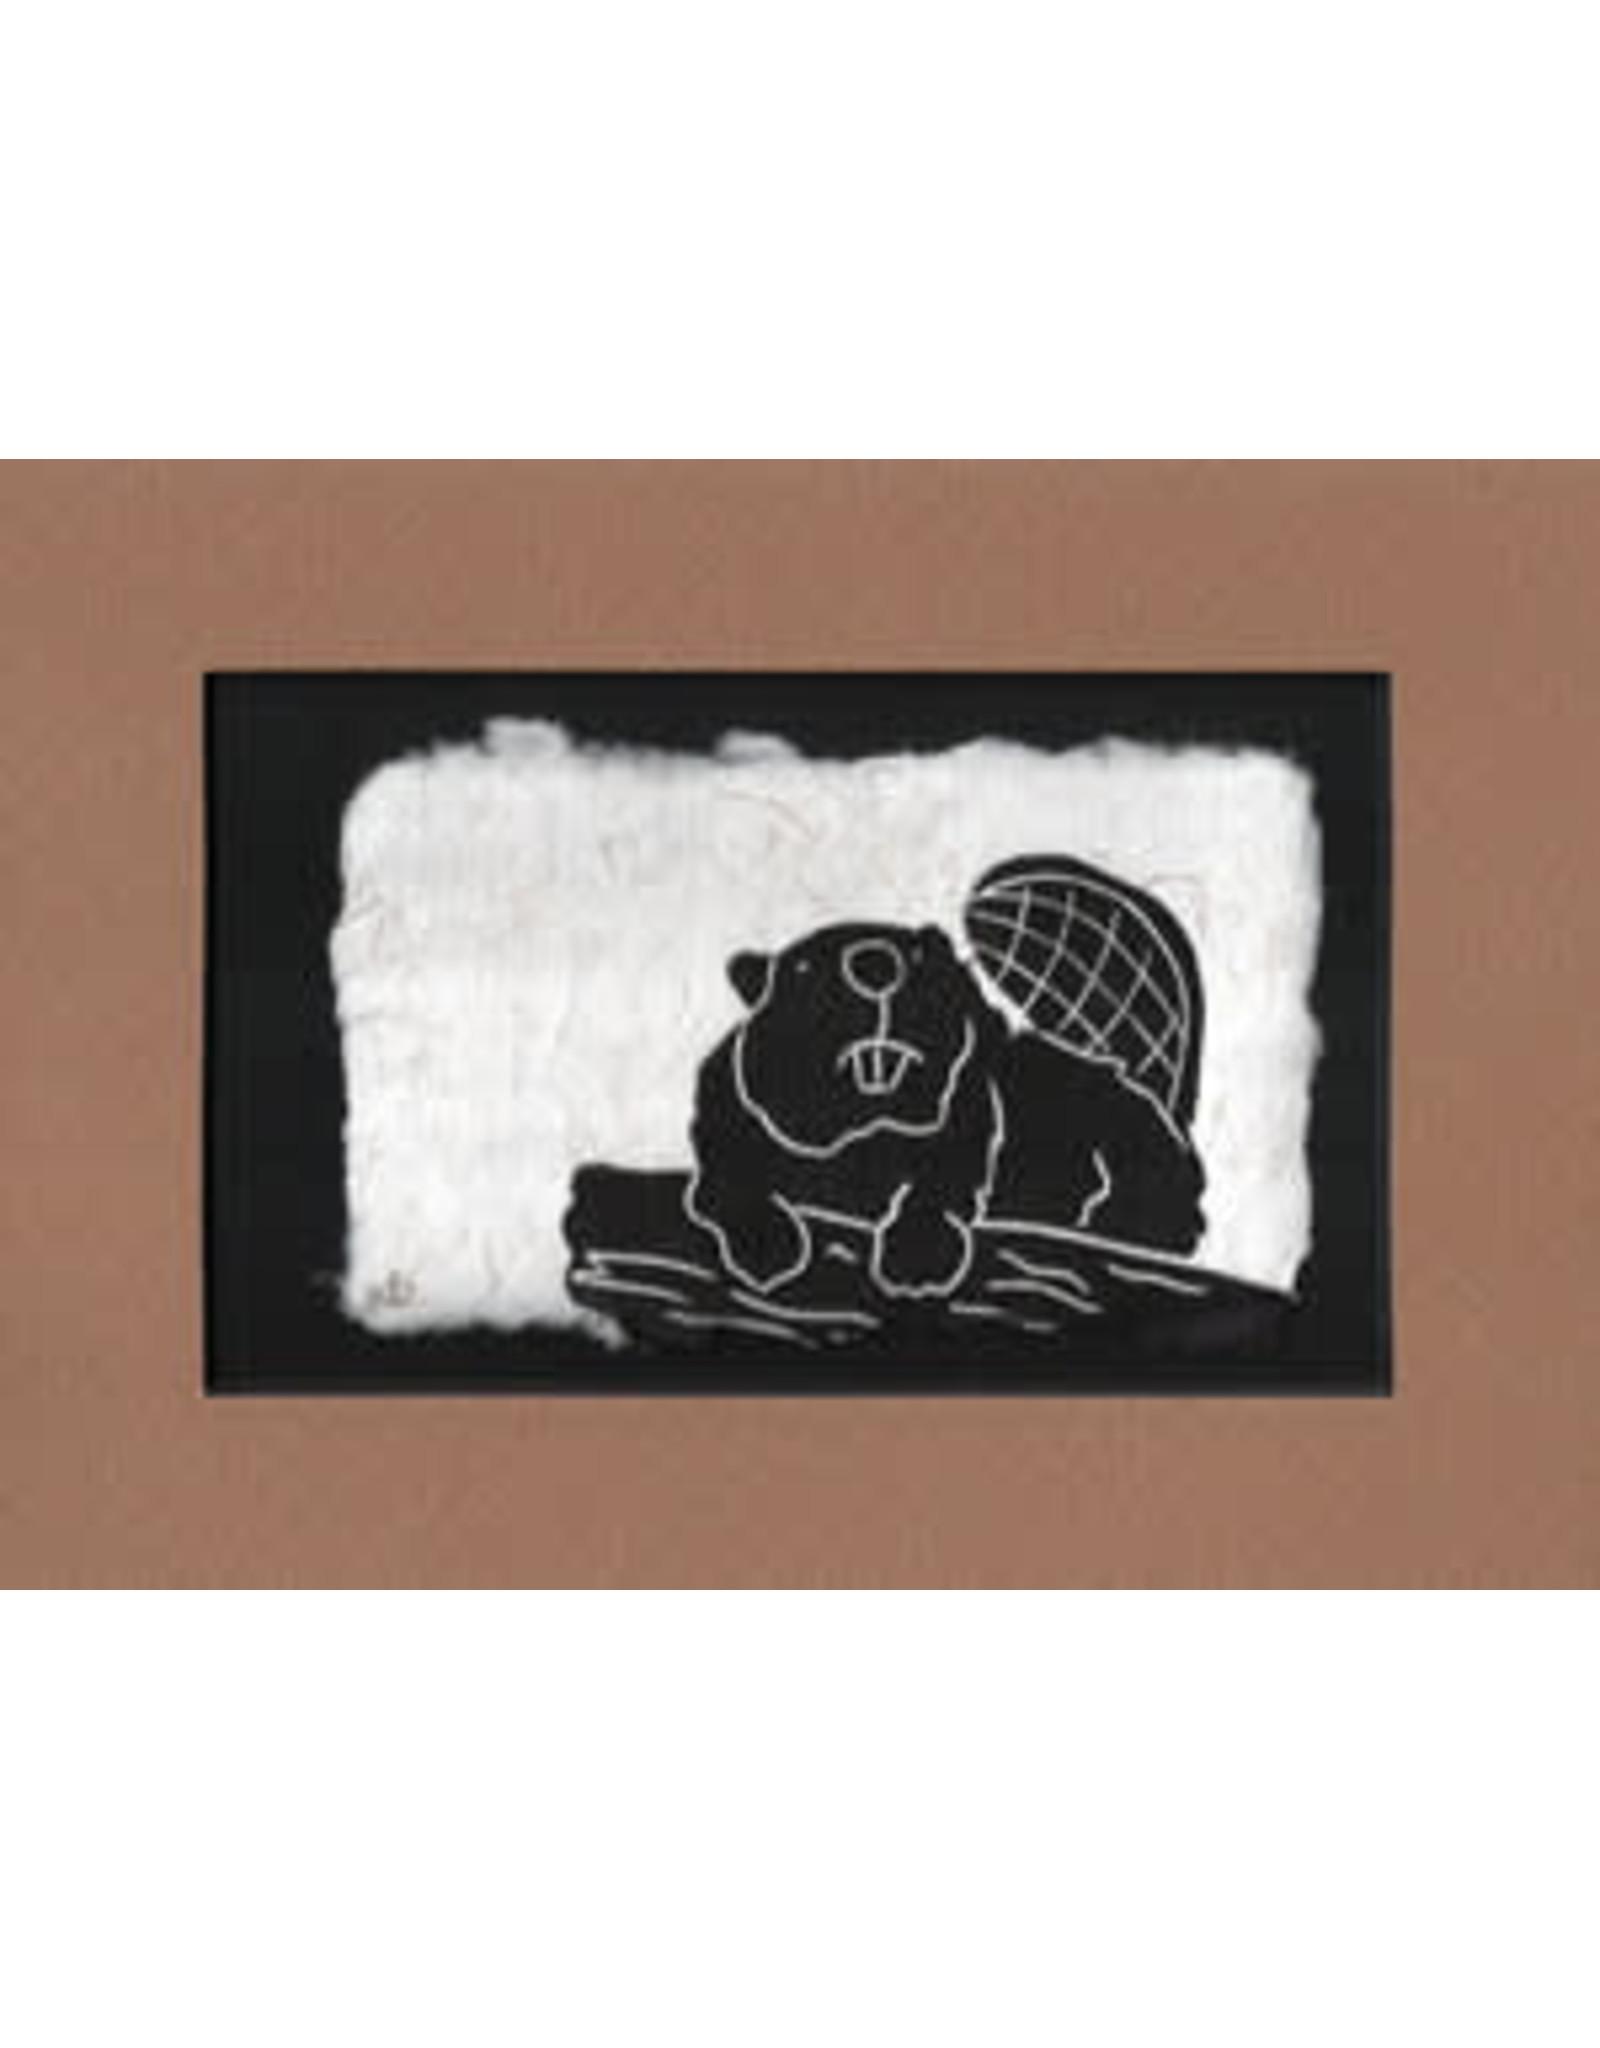 KB's Handmade Creations Beaver (framed) | Karen Beason